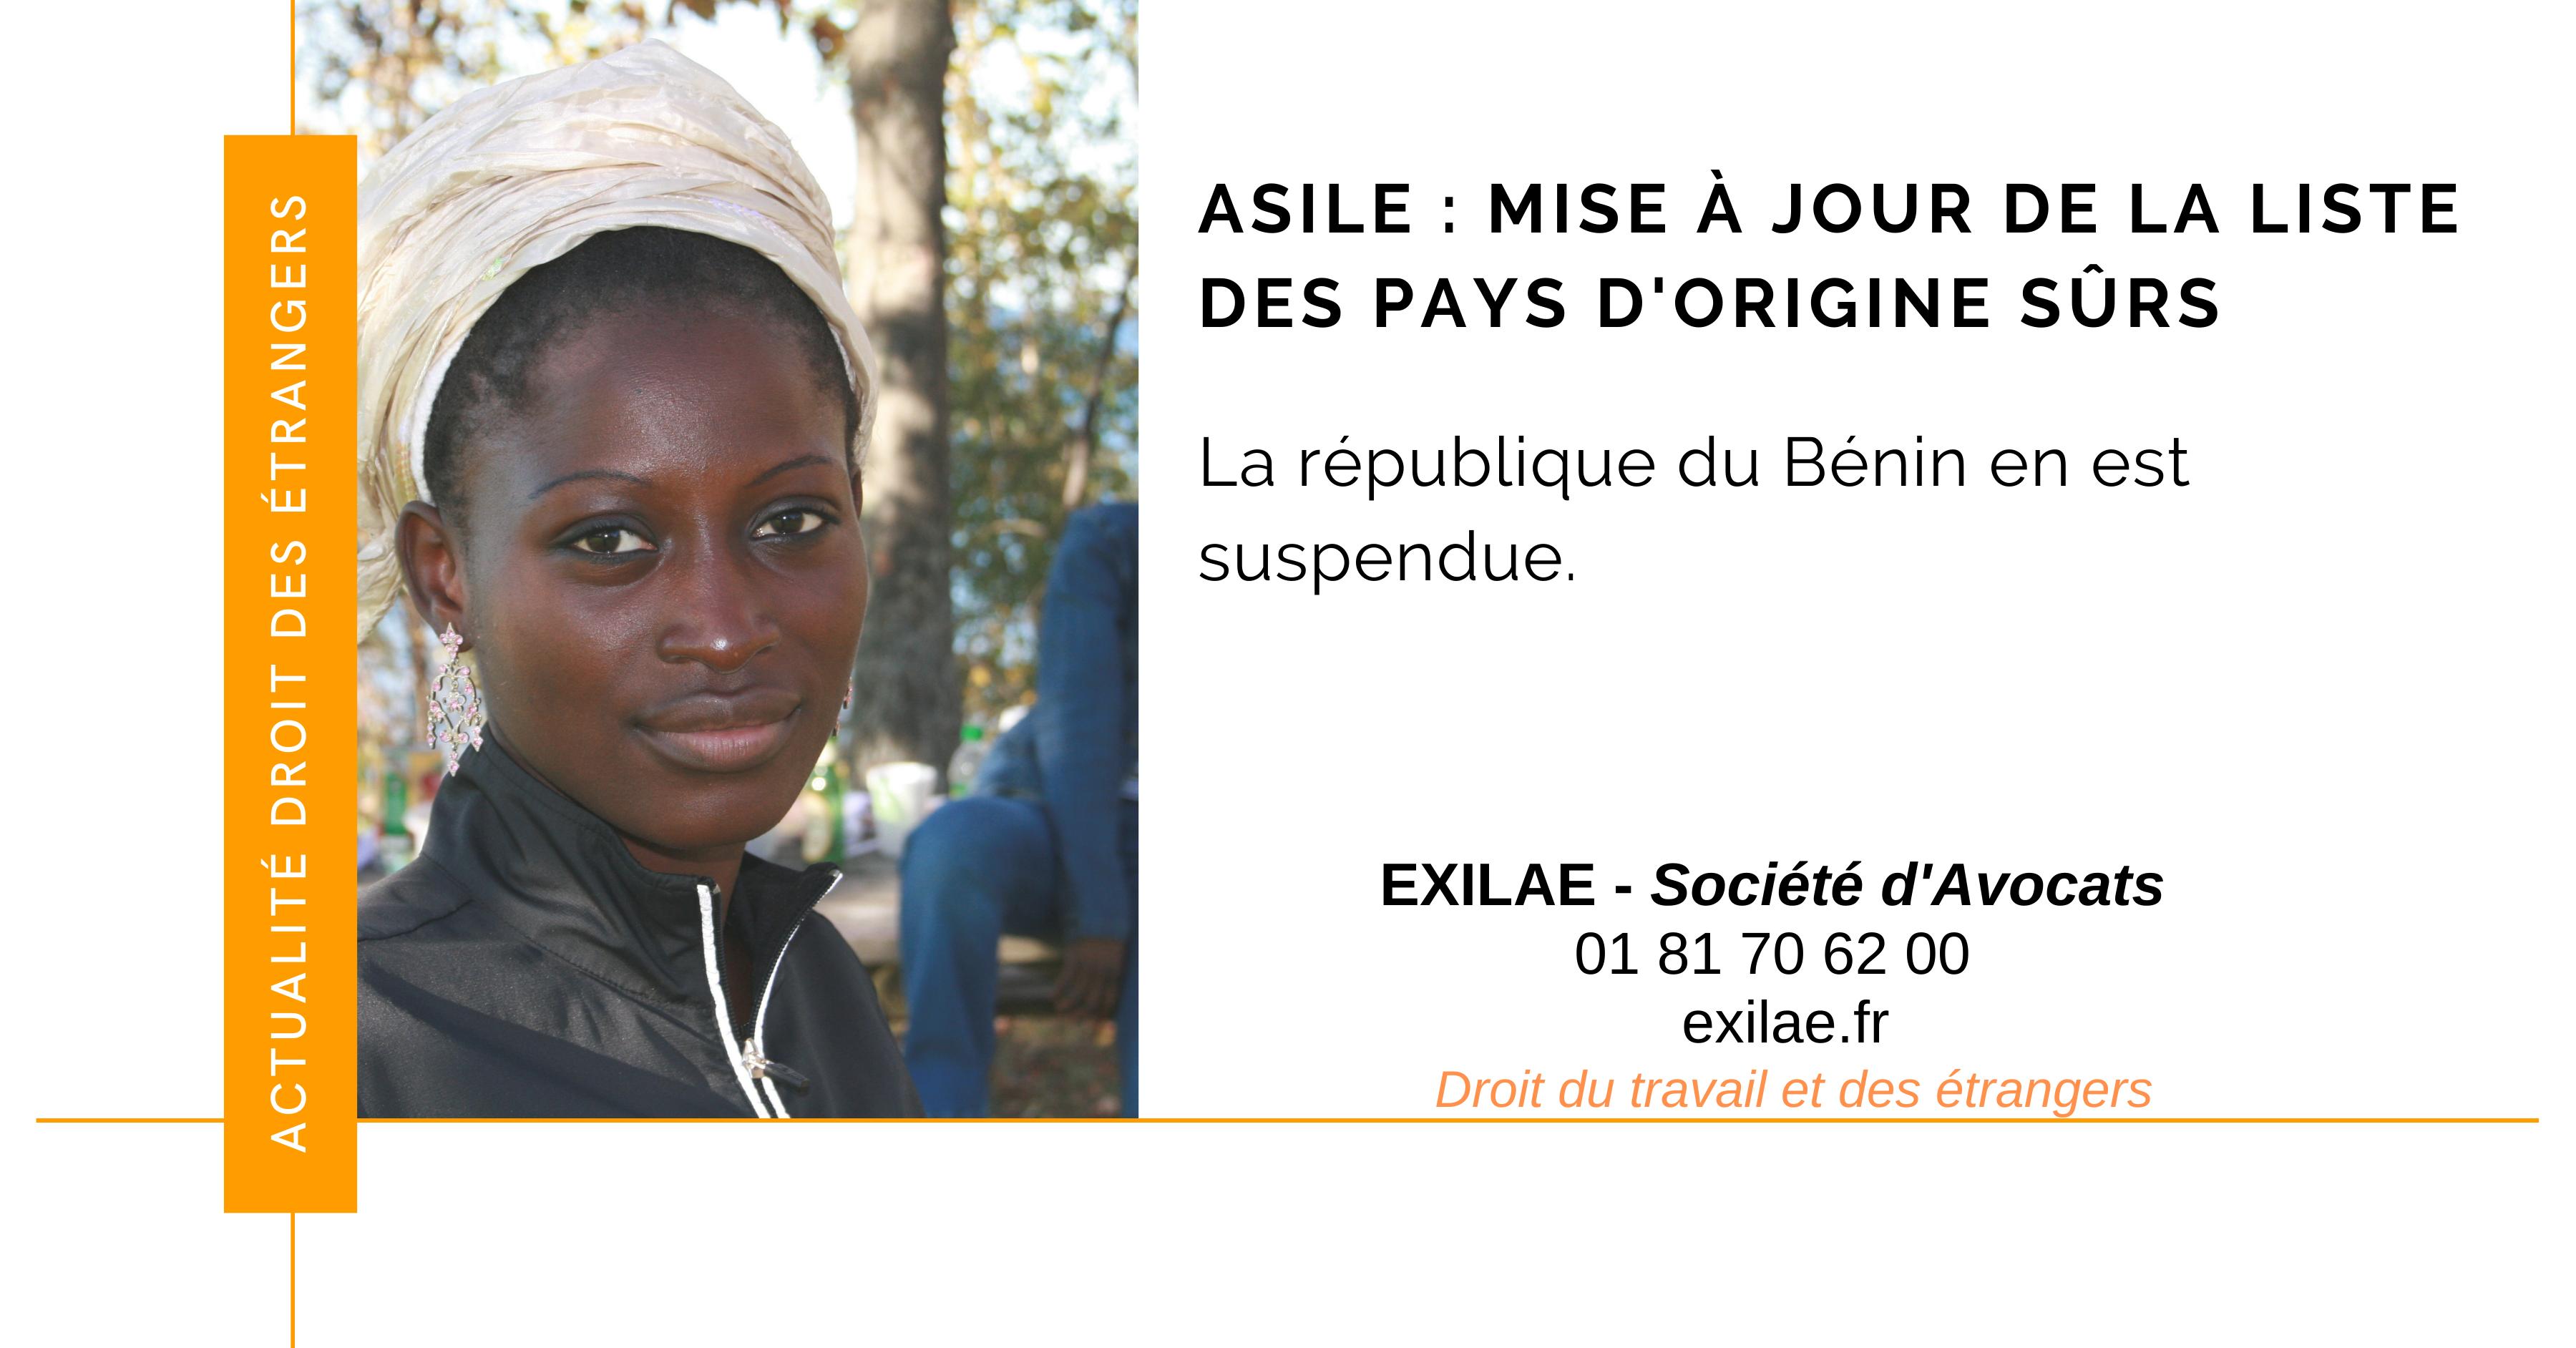 La République du Bénin suspendu de la liste des pays d'origine sûrs